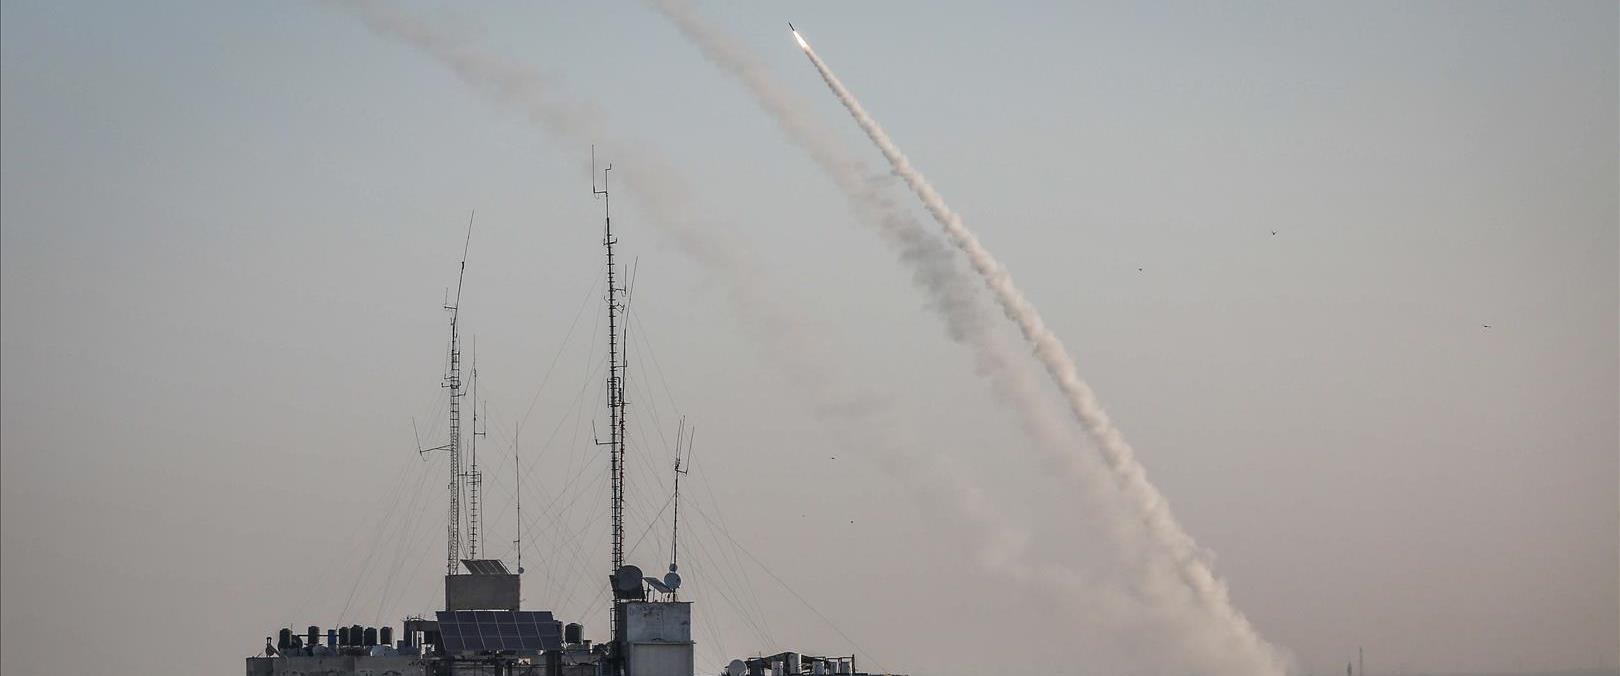 שיגור רקטה מעזה לישראל